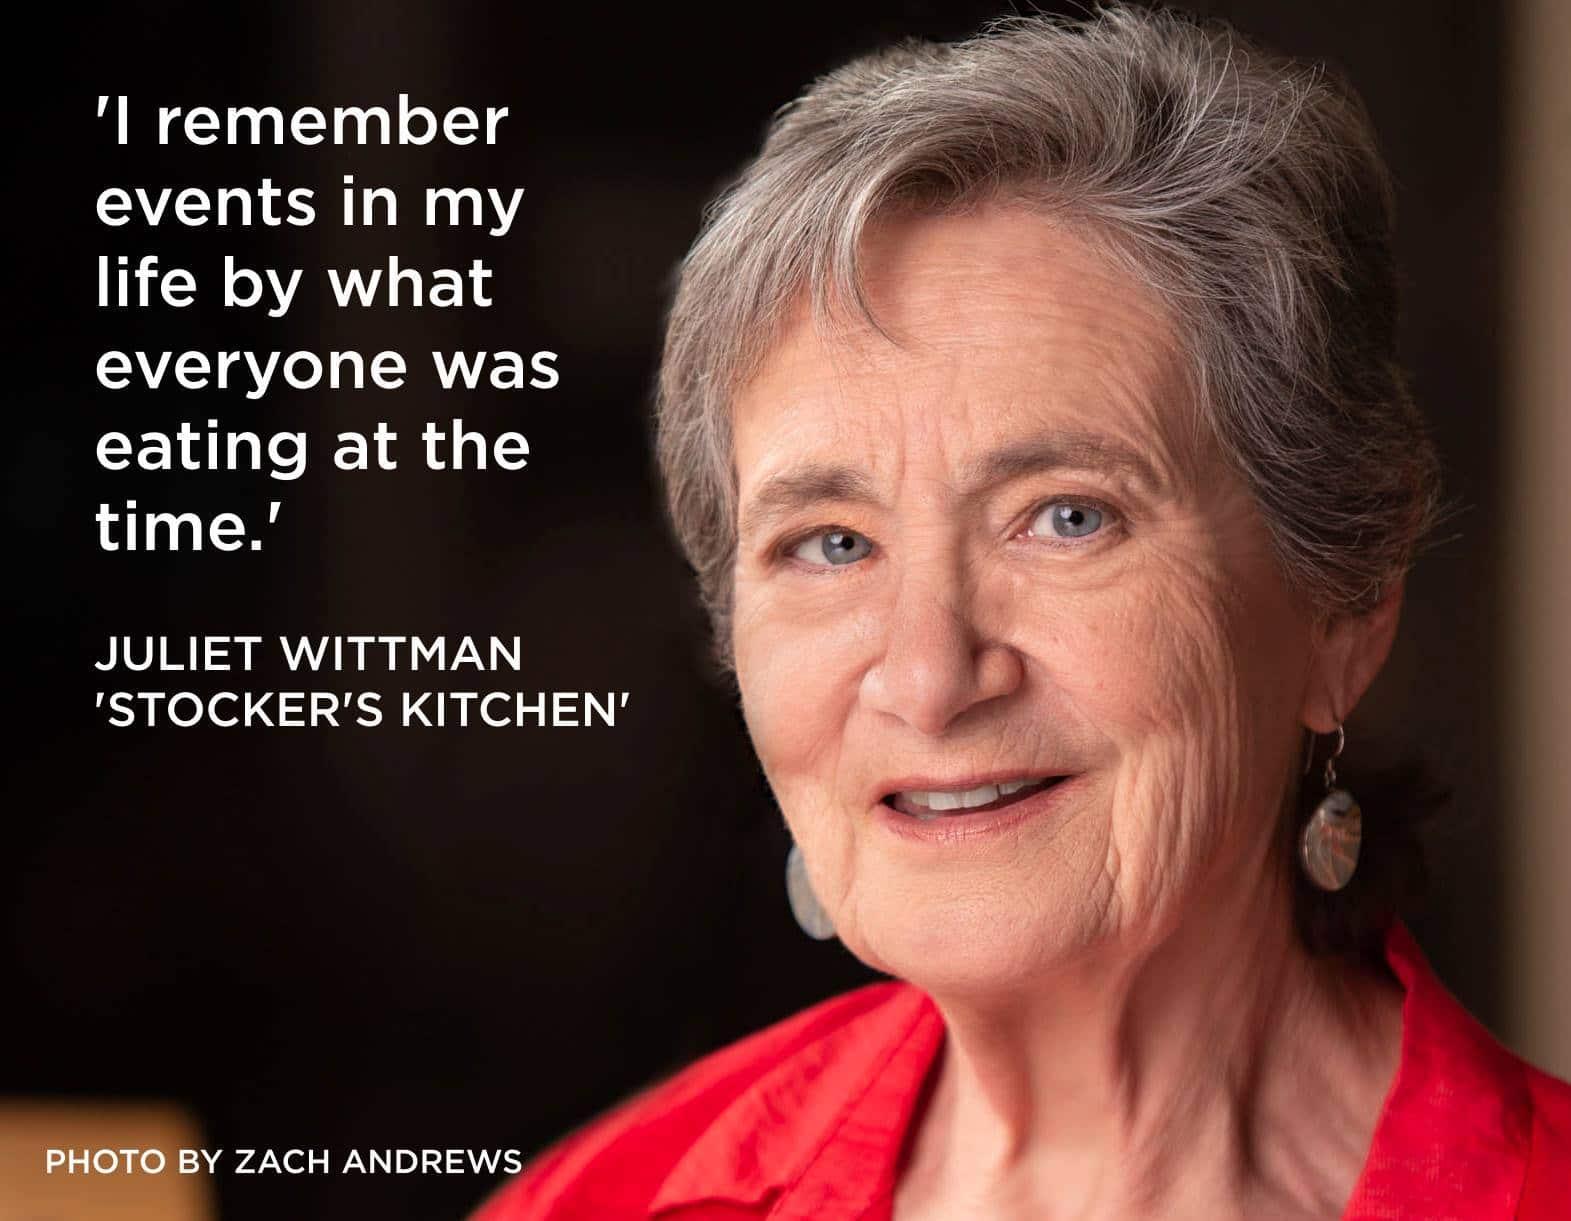 JULIET WITTMAN. Stocker's Kitchen. Photo by Zach Andrews